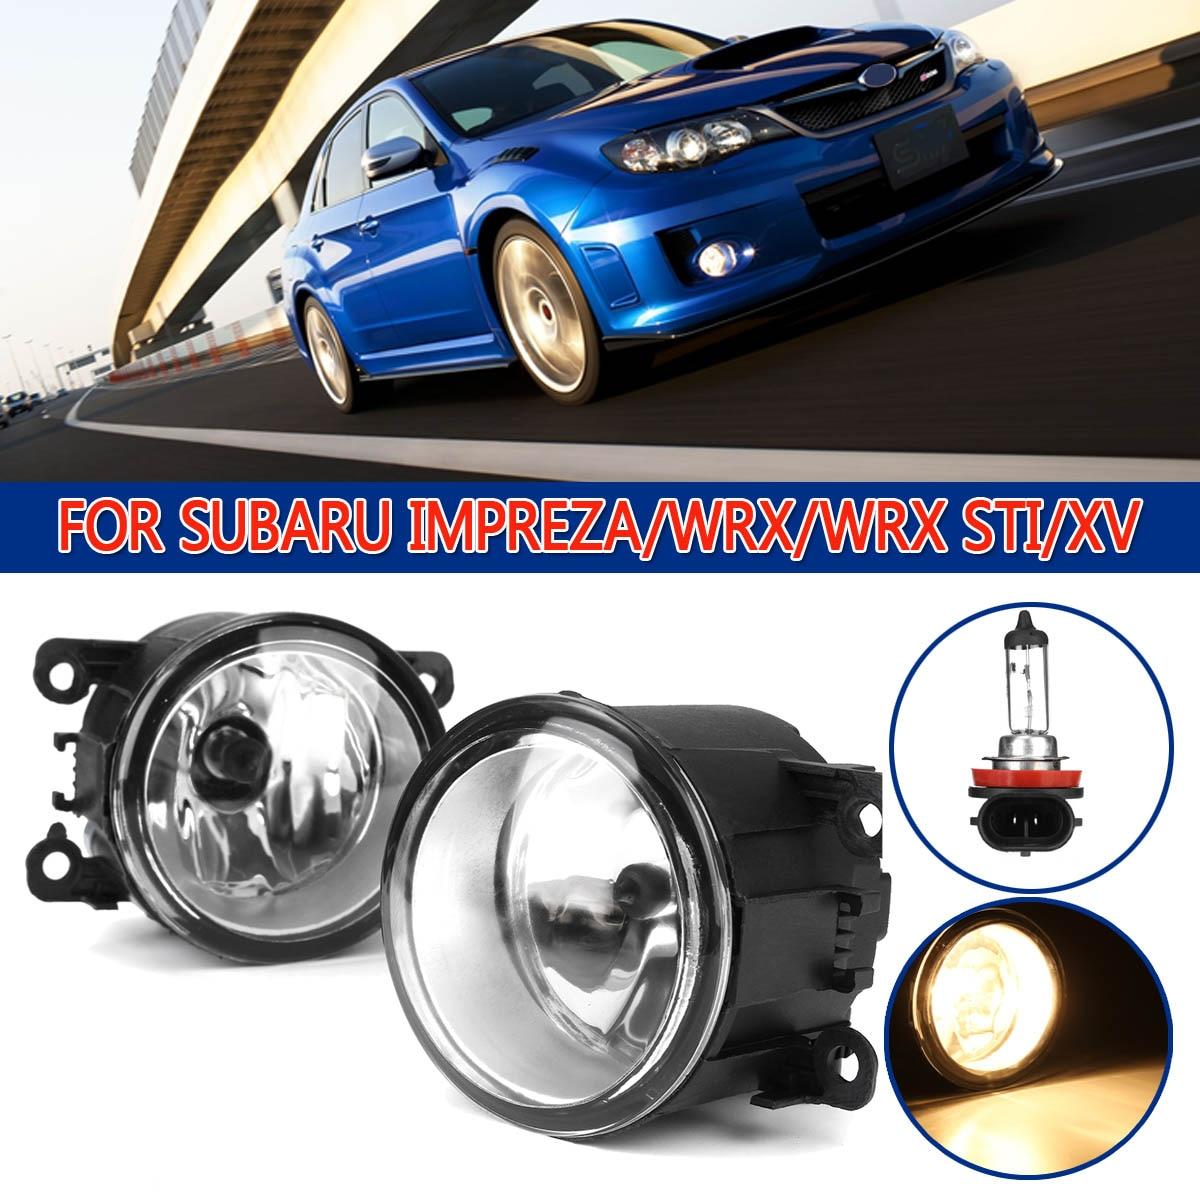 H11 12V 55W Front Fog Light Clear Lens w/o Wiring Kit For Subaru Crosstrek 16-17 Impreza 12-15 WRX STI 2015 XV Crosstrek 13-14